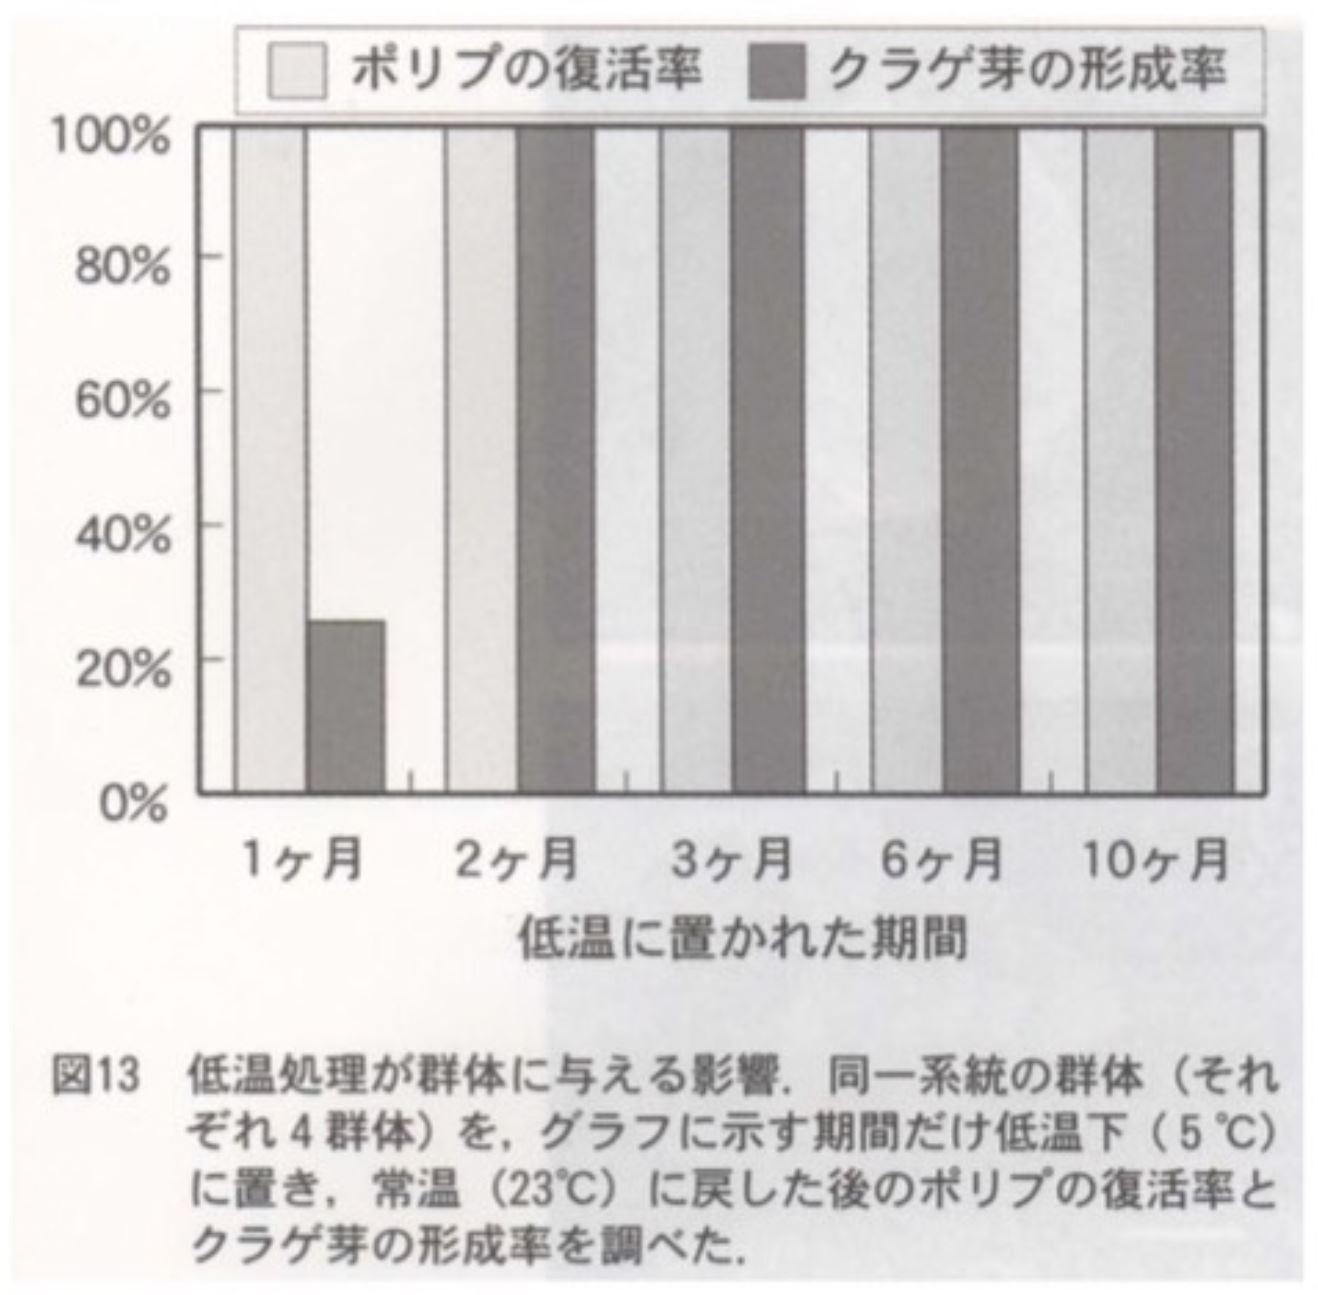 %e6%88%90%e9%95%b7%e7%8e%87